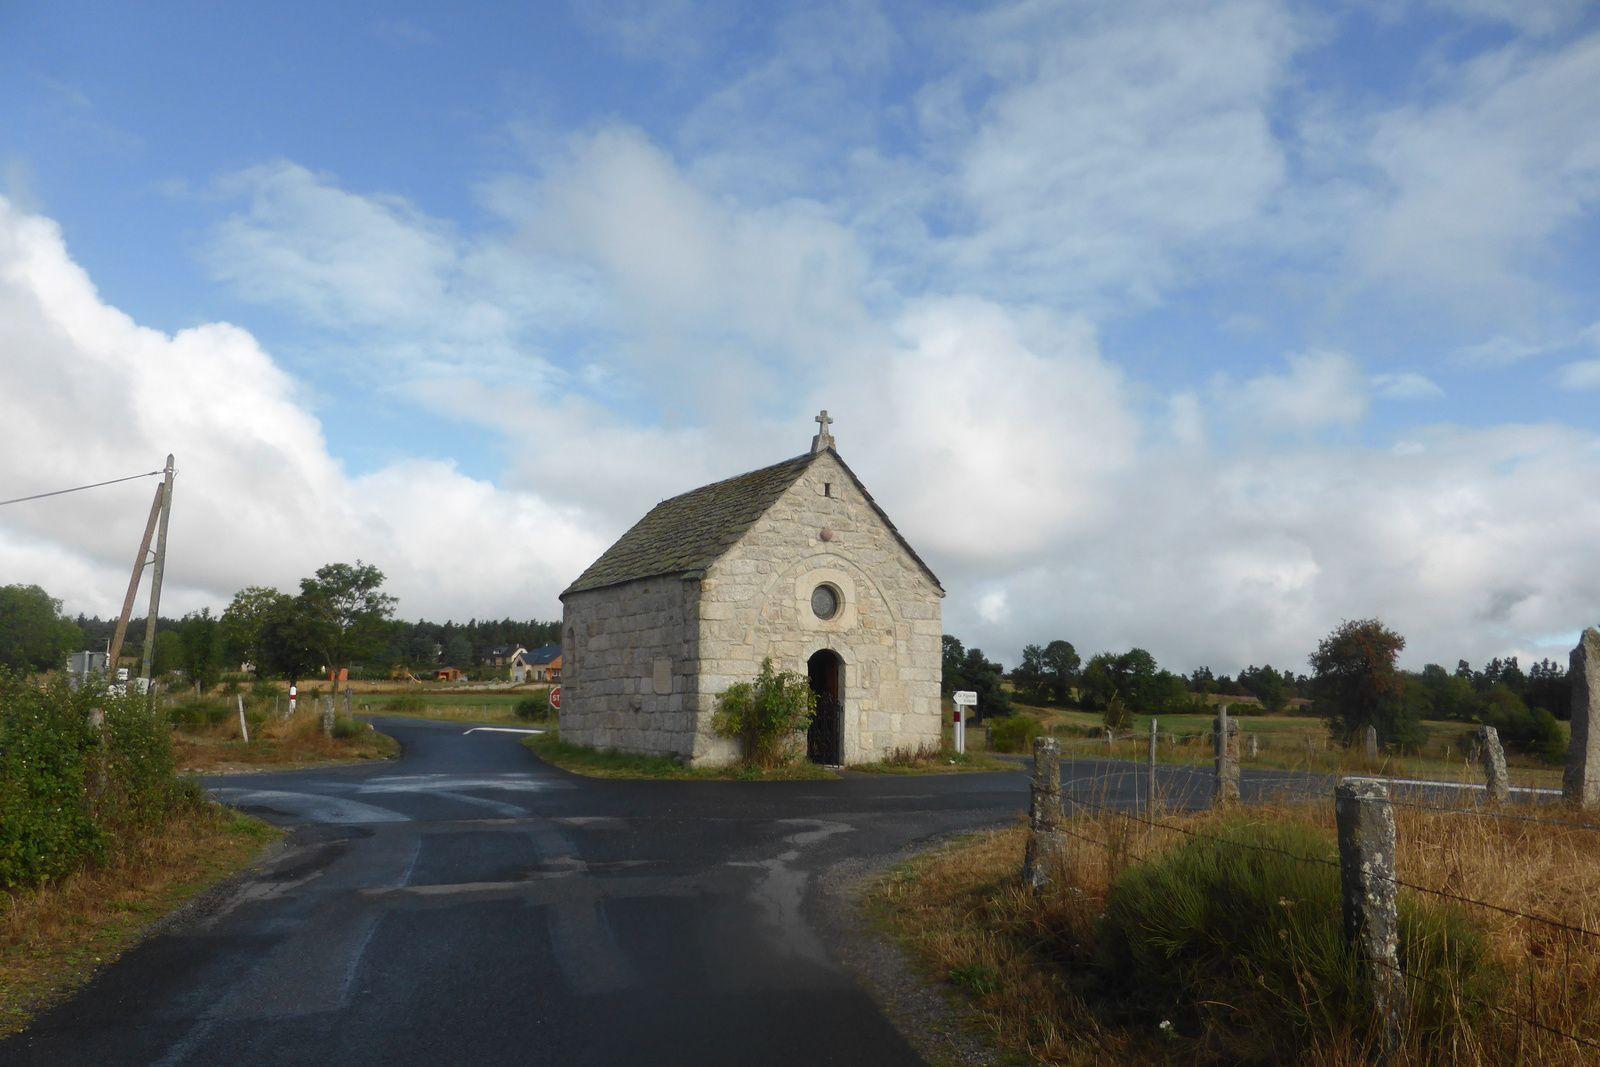 Nous arrivons à la petite chapelle de Bastide fondée en 1525, très belle à l'intérieur.